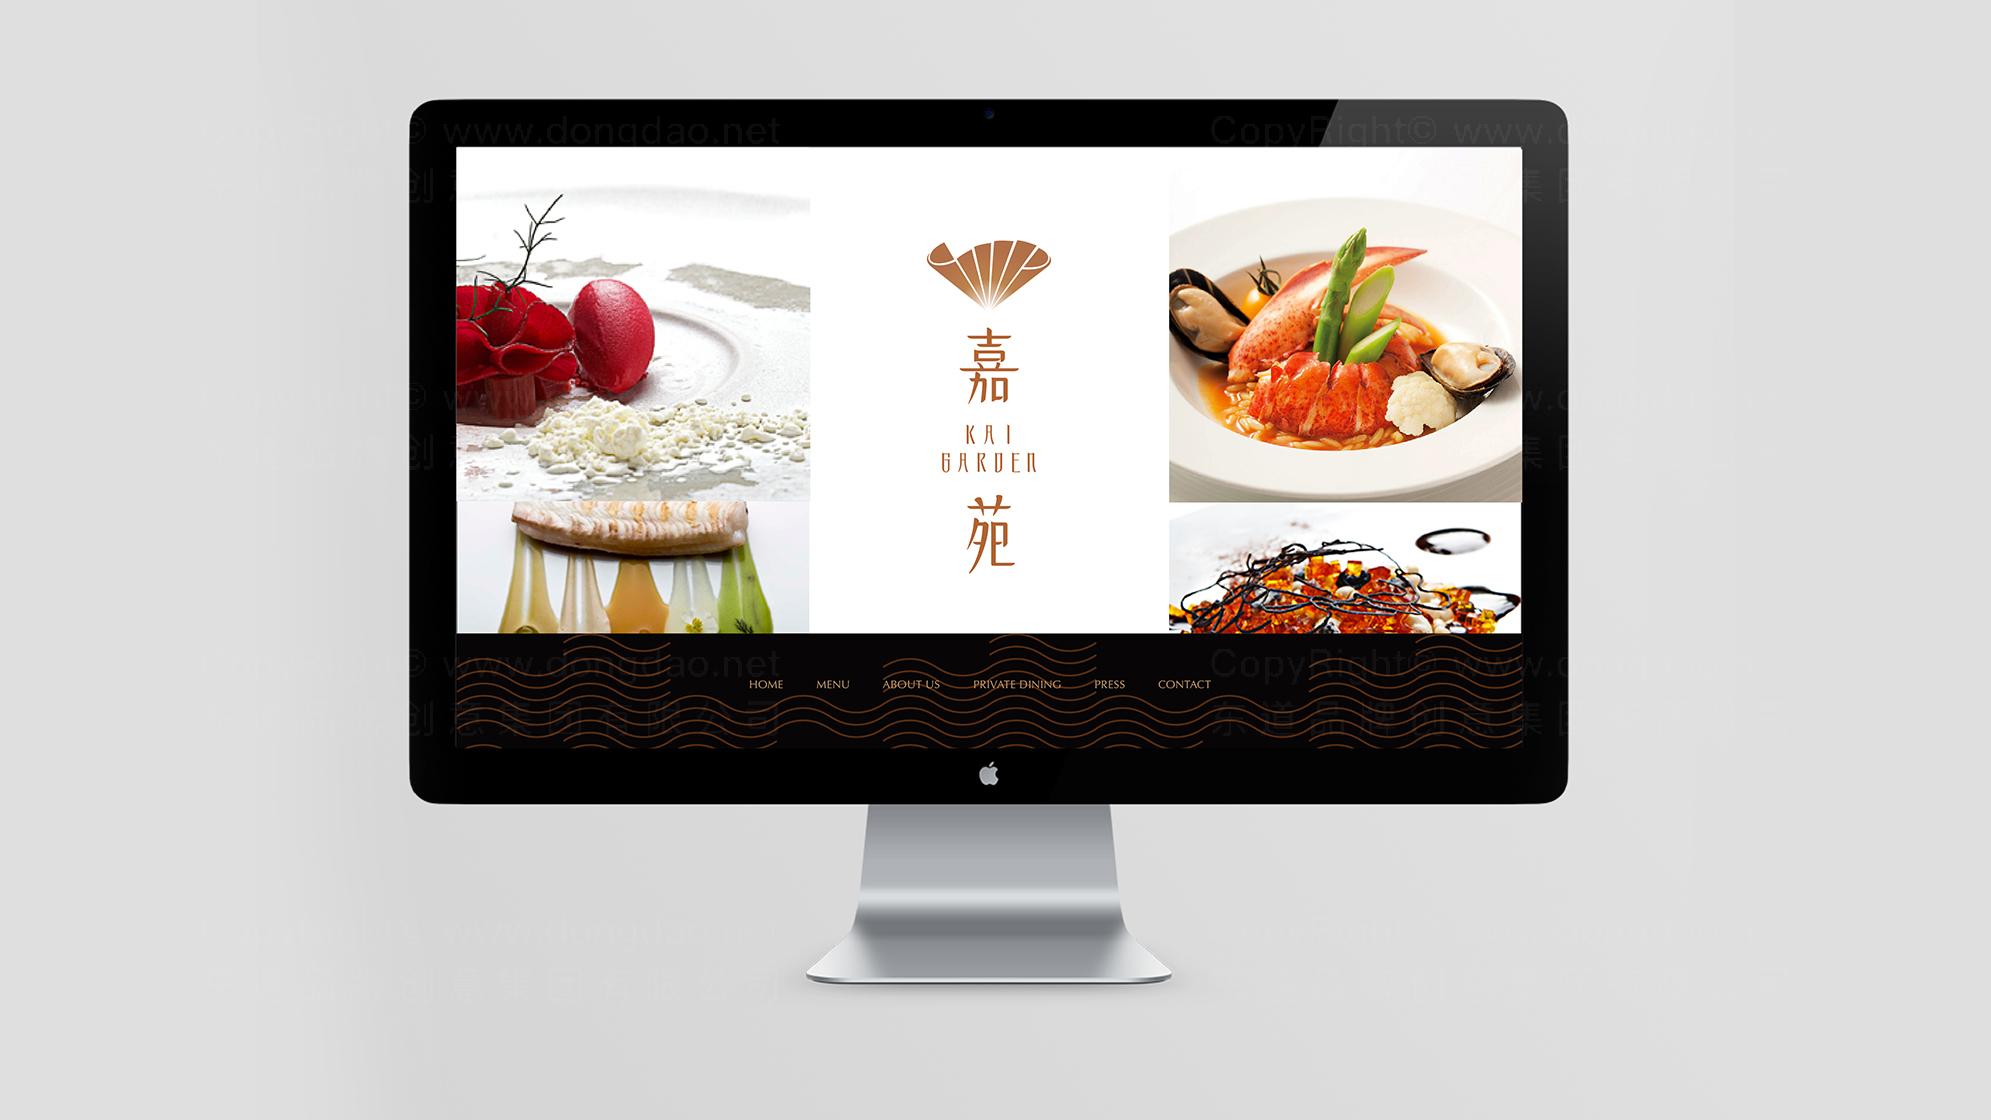 品牌设计嘉苑中餐厅LOGO&VI设计应用场景_3